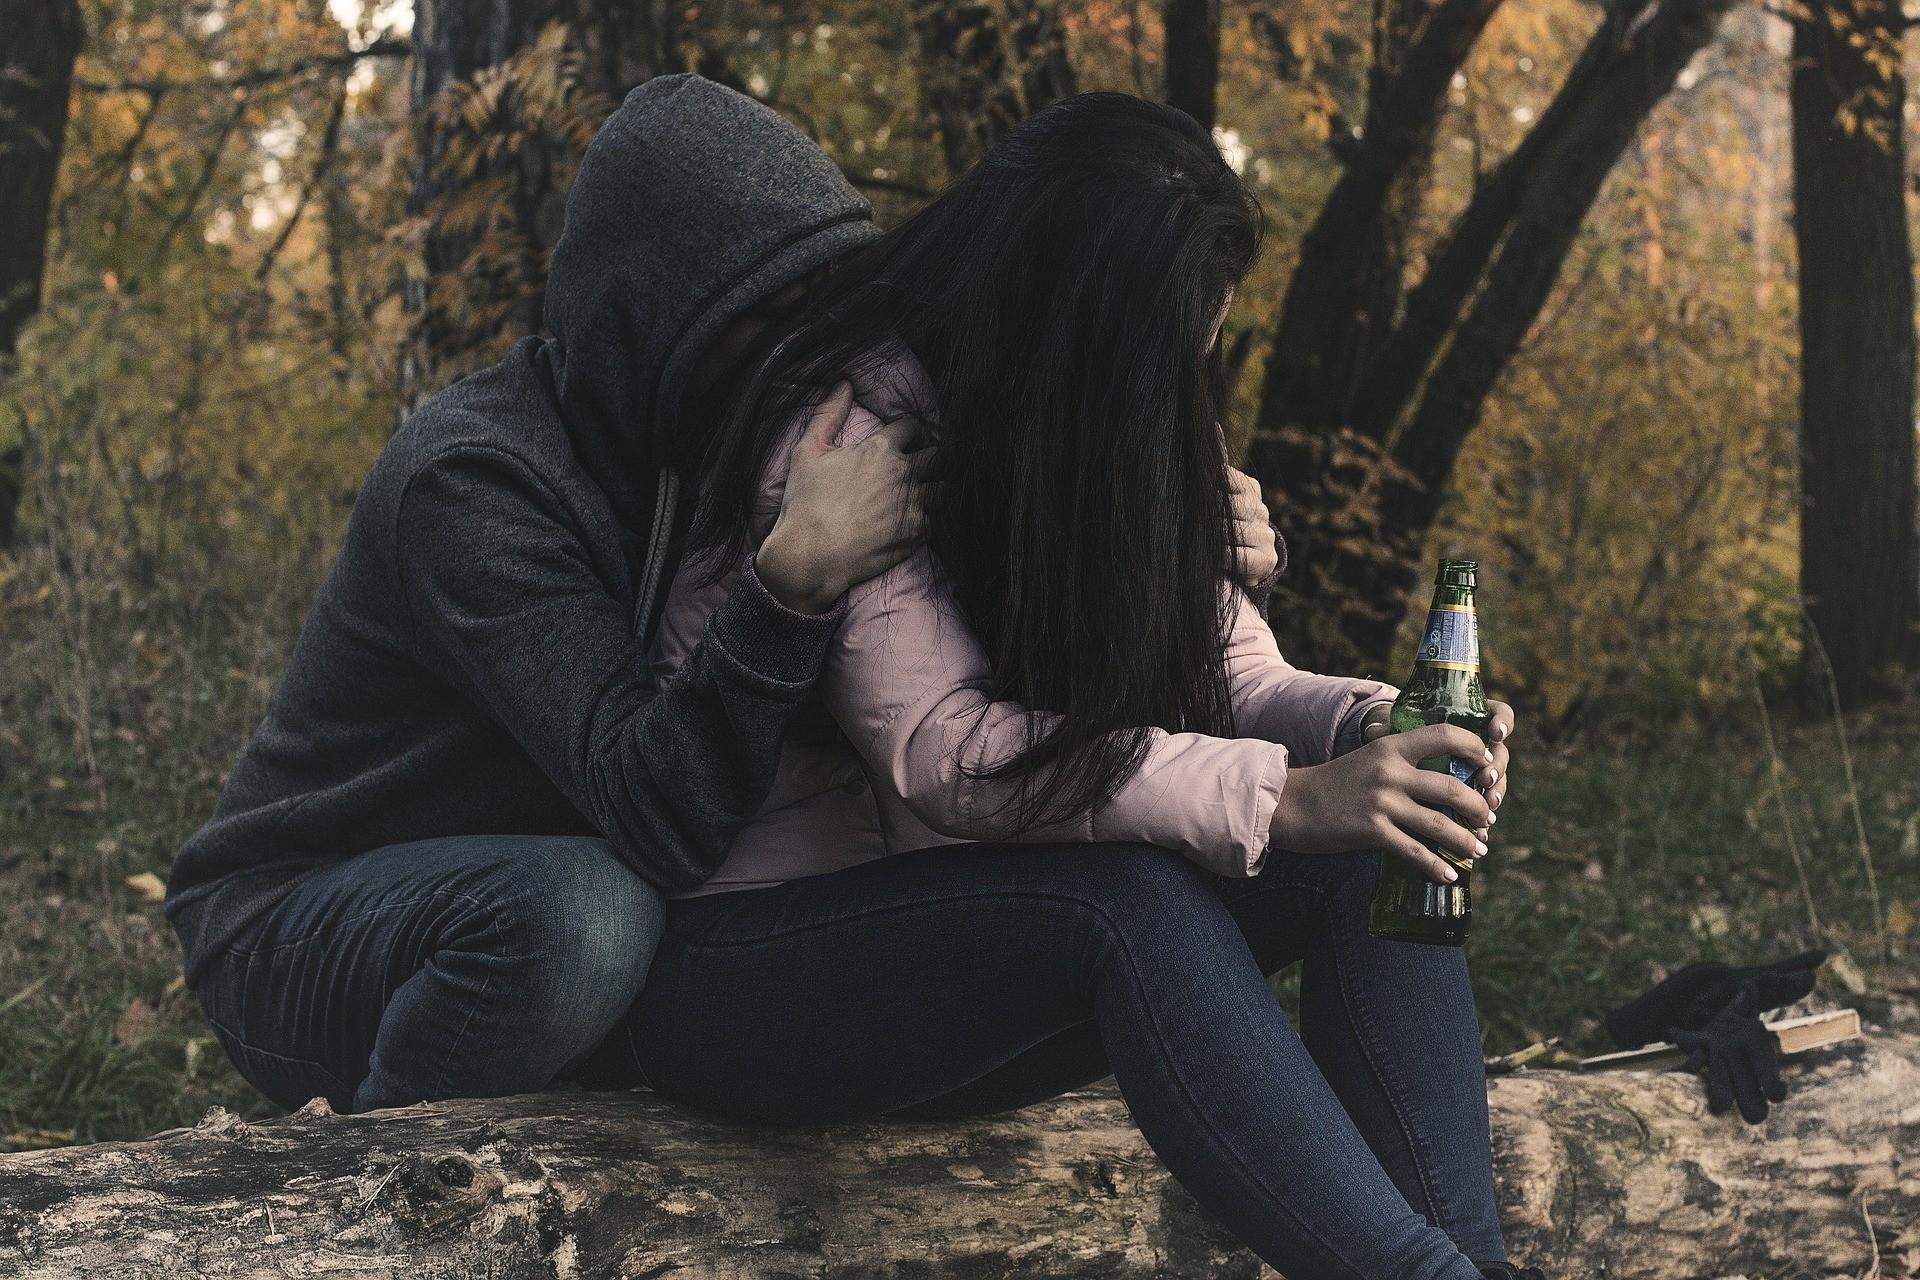 ▲▼霸凌、買醉、喝酒、酒醉、傷心、分手。(圖/取自pixabay)